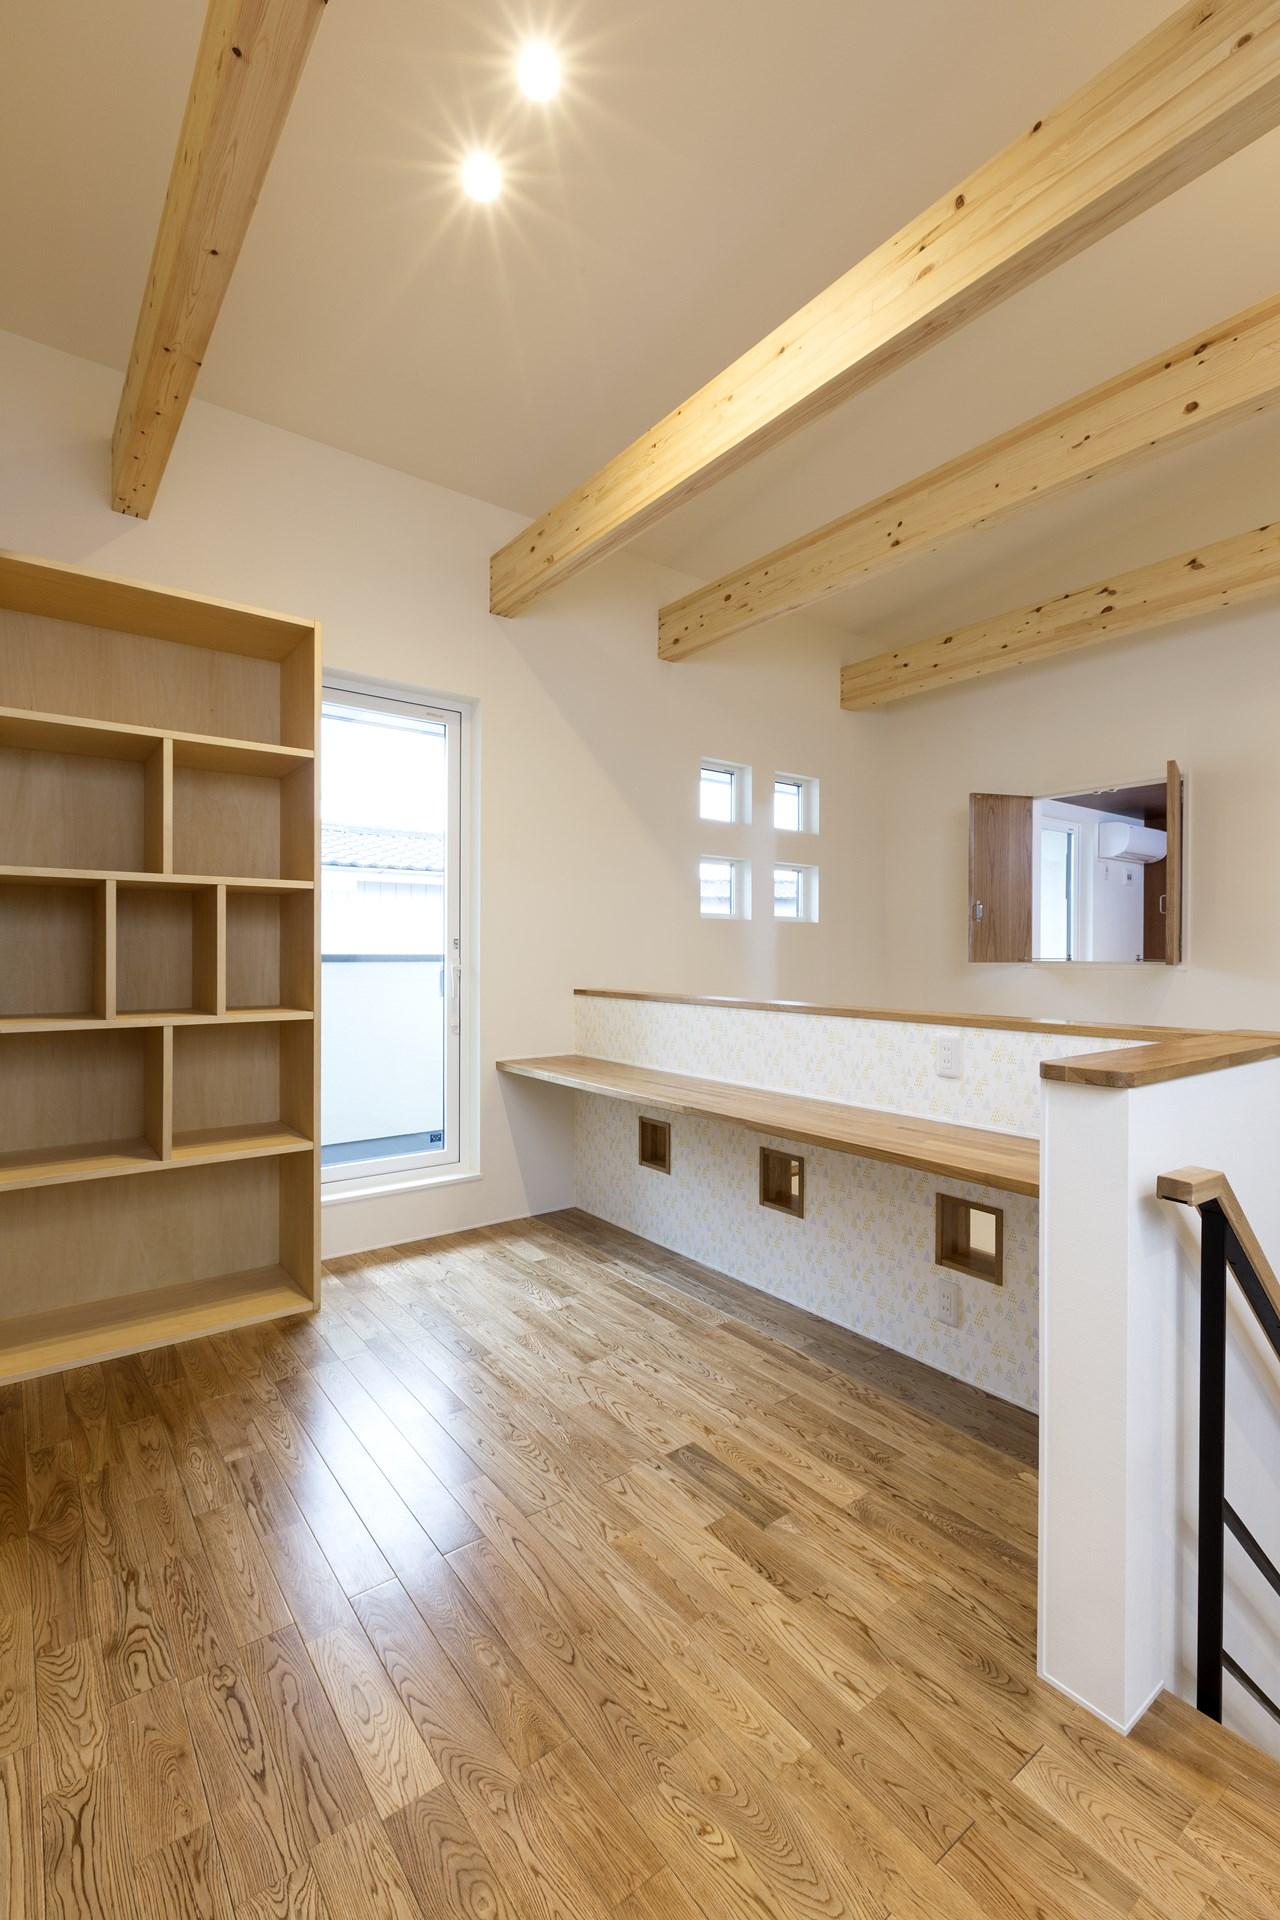 つくば市の桜の見える新築一戸建ての書斎